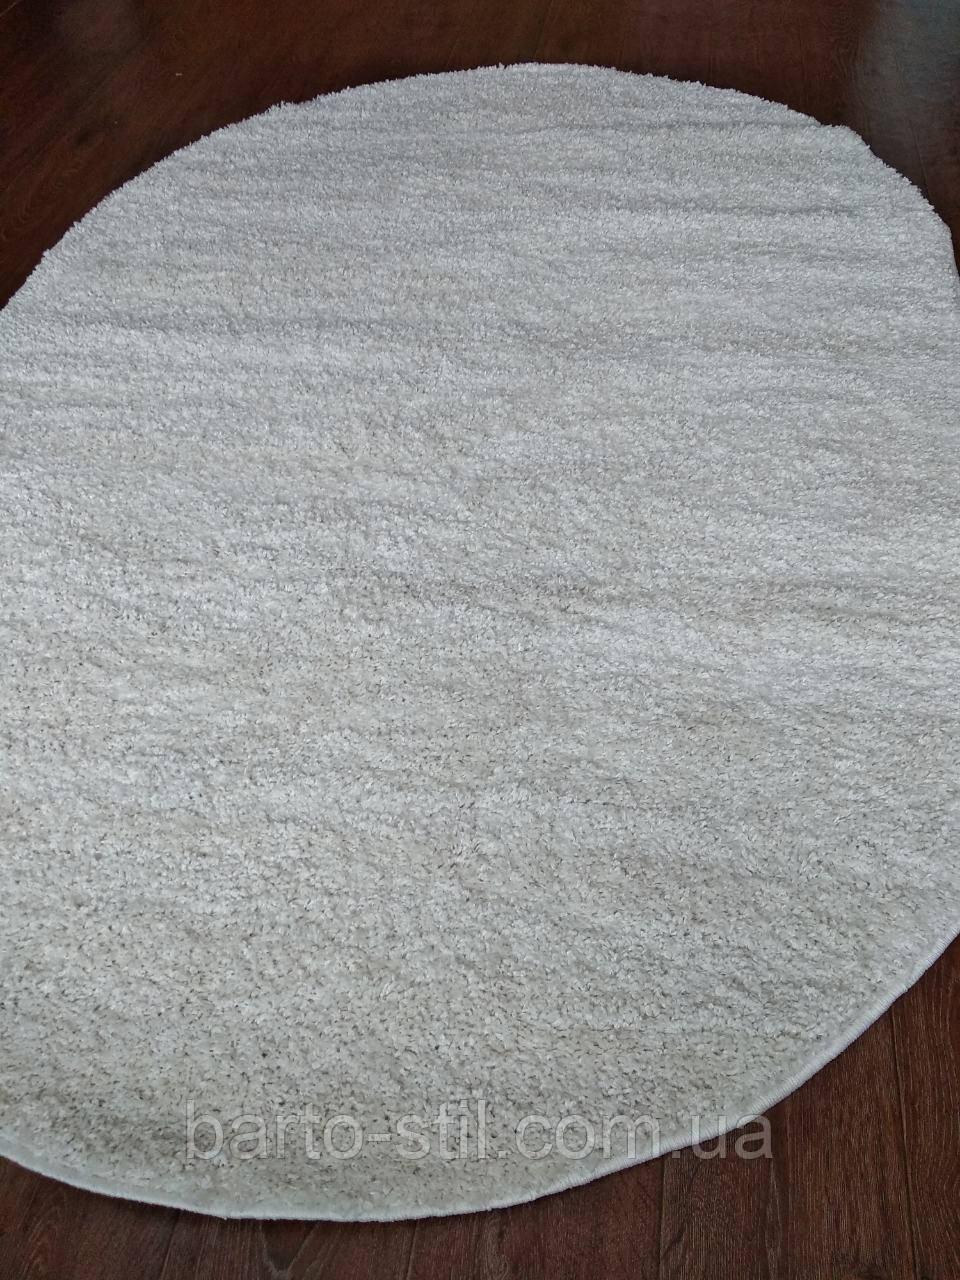 Ковёр Solo белый овал,1.60х2.20 м.